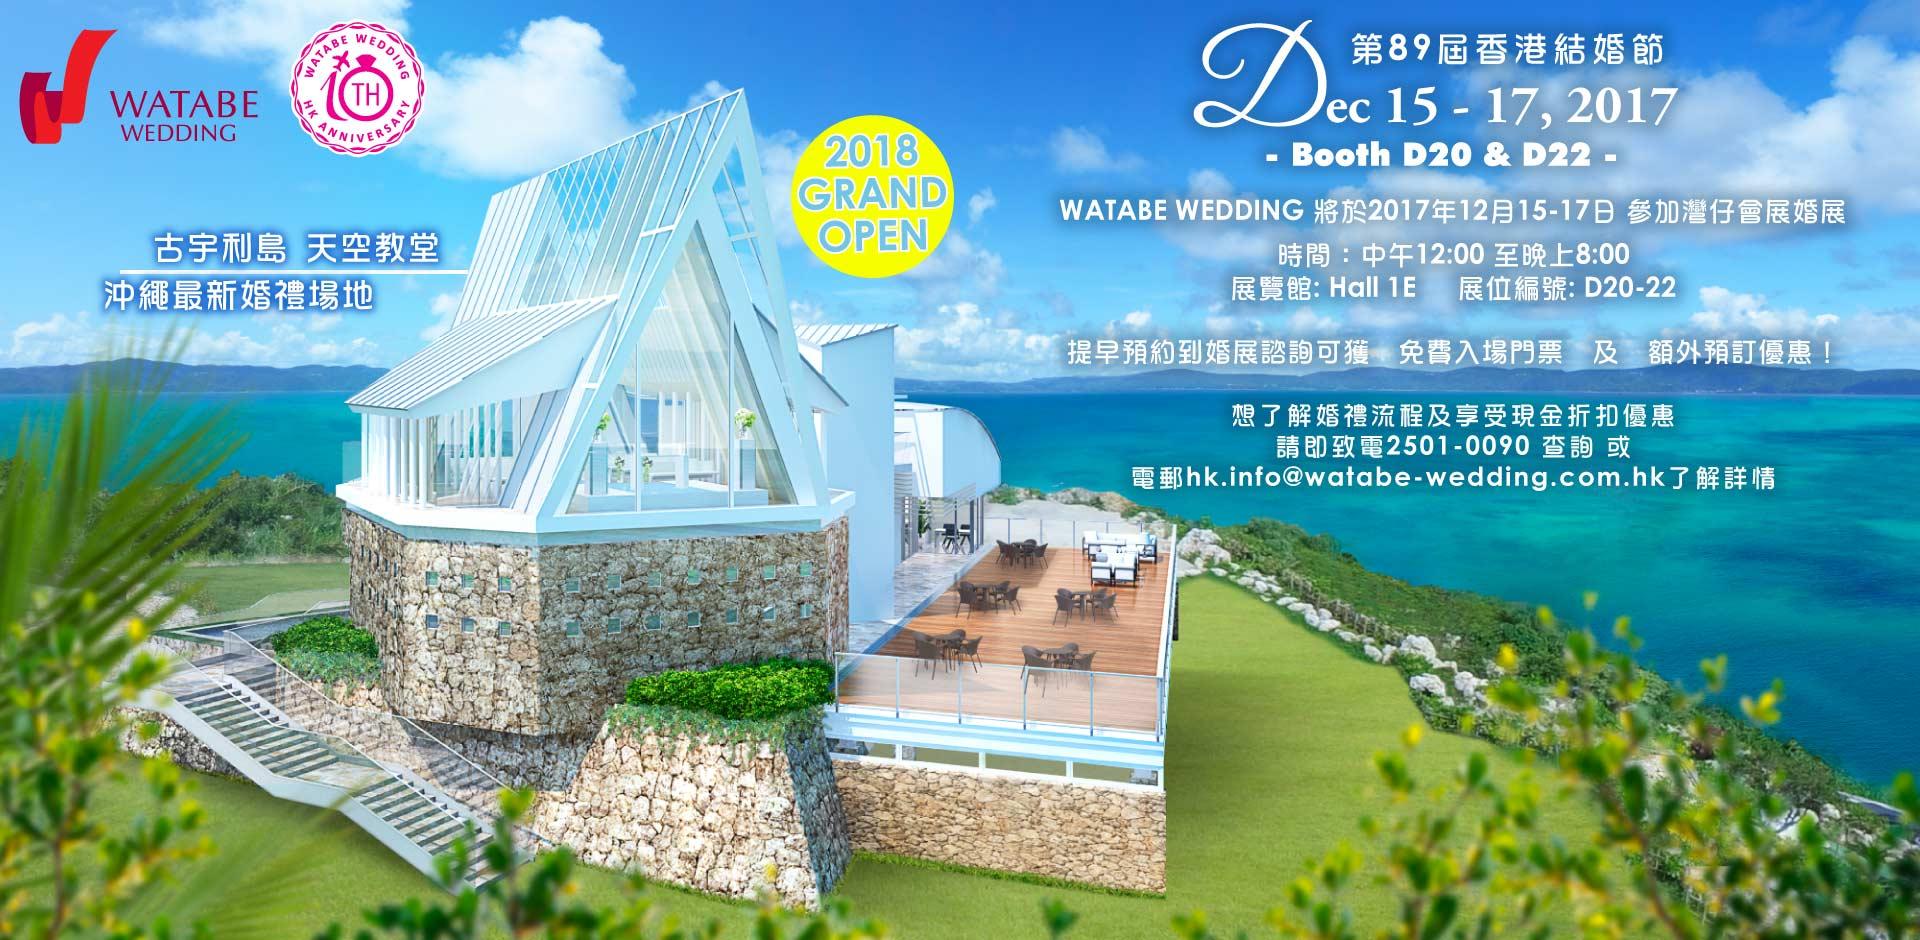 sample sale 海外婚禮 旅行結婚 沖繩婚禮 關島婚禮 沖繩結婚